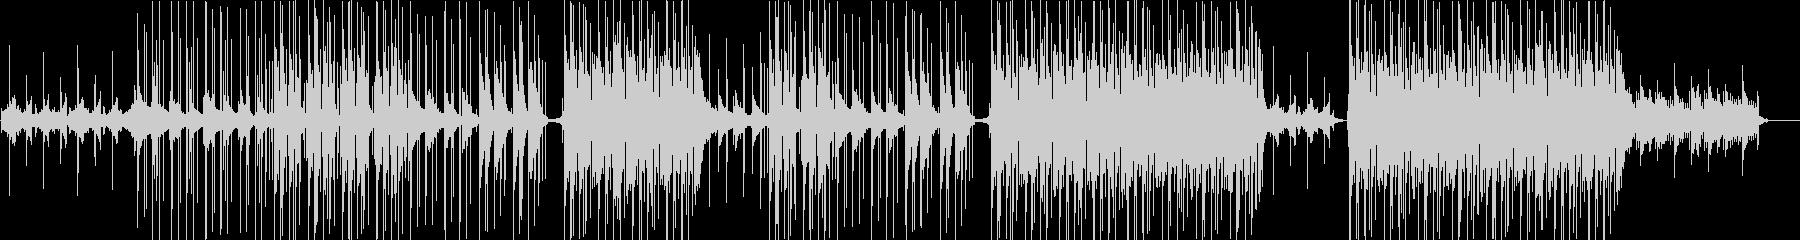 トレンドHIPHOP,Trapの未再生の波形